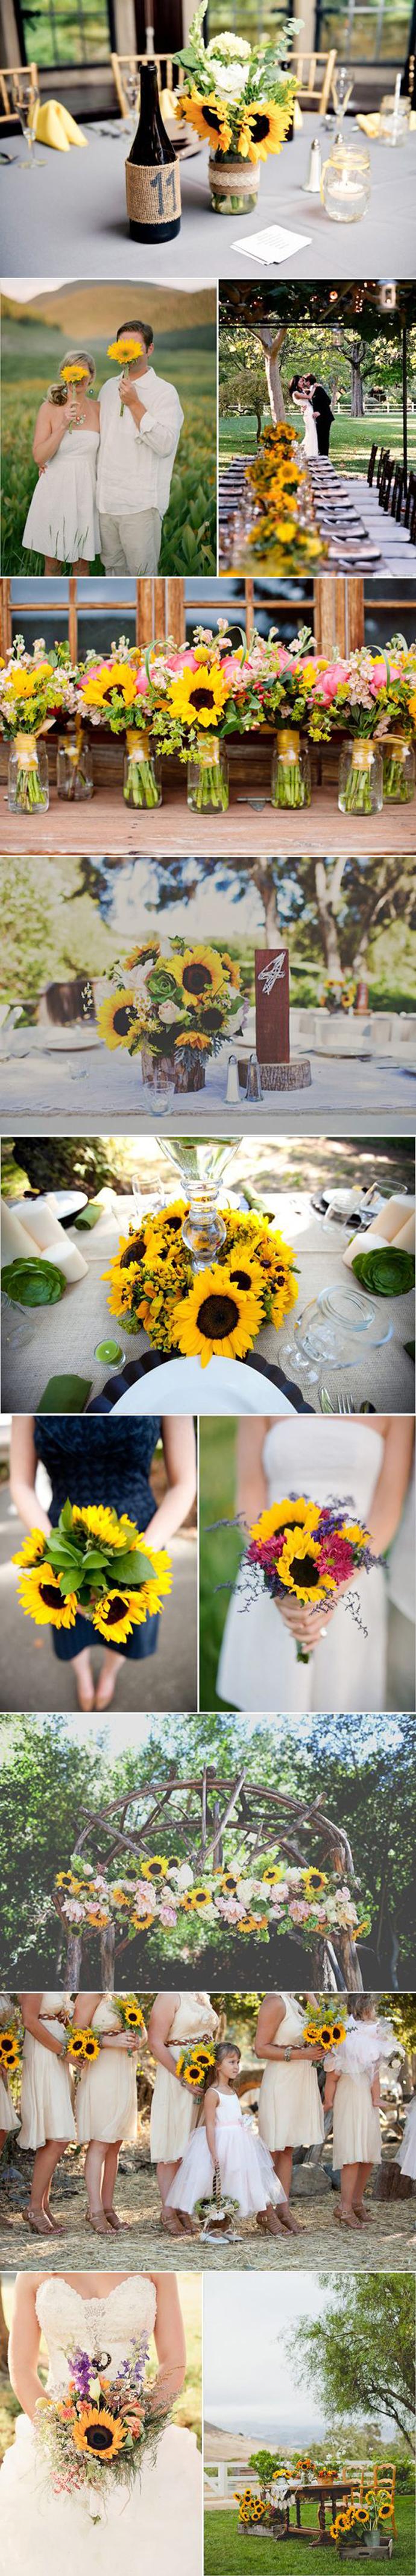 floarea soarelui-nunta in gradina (1)